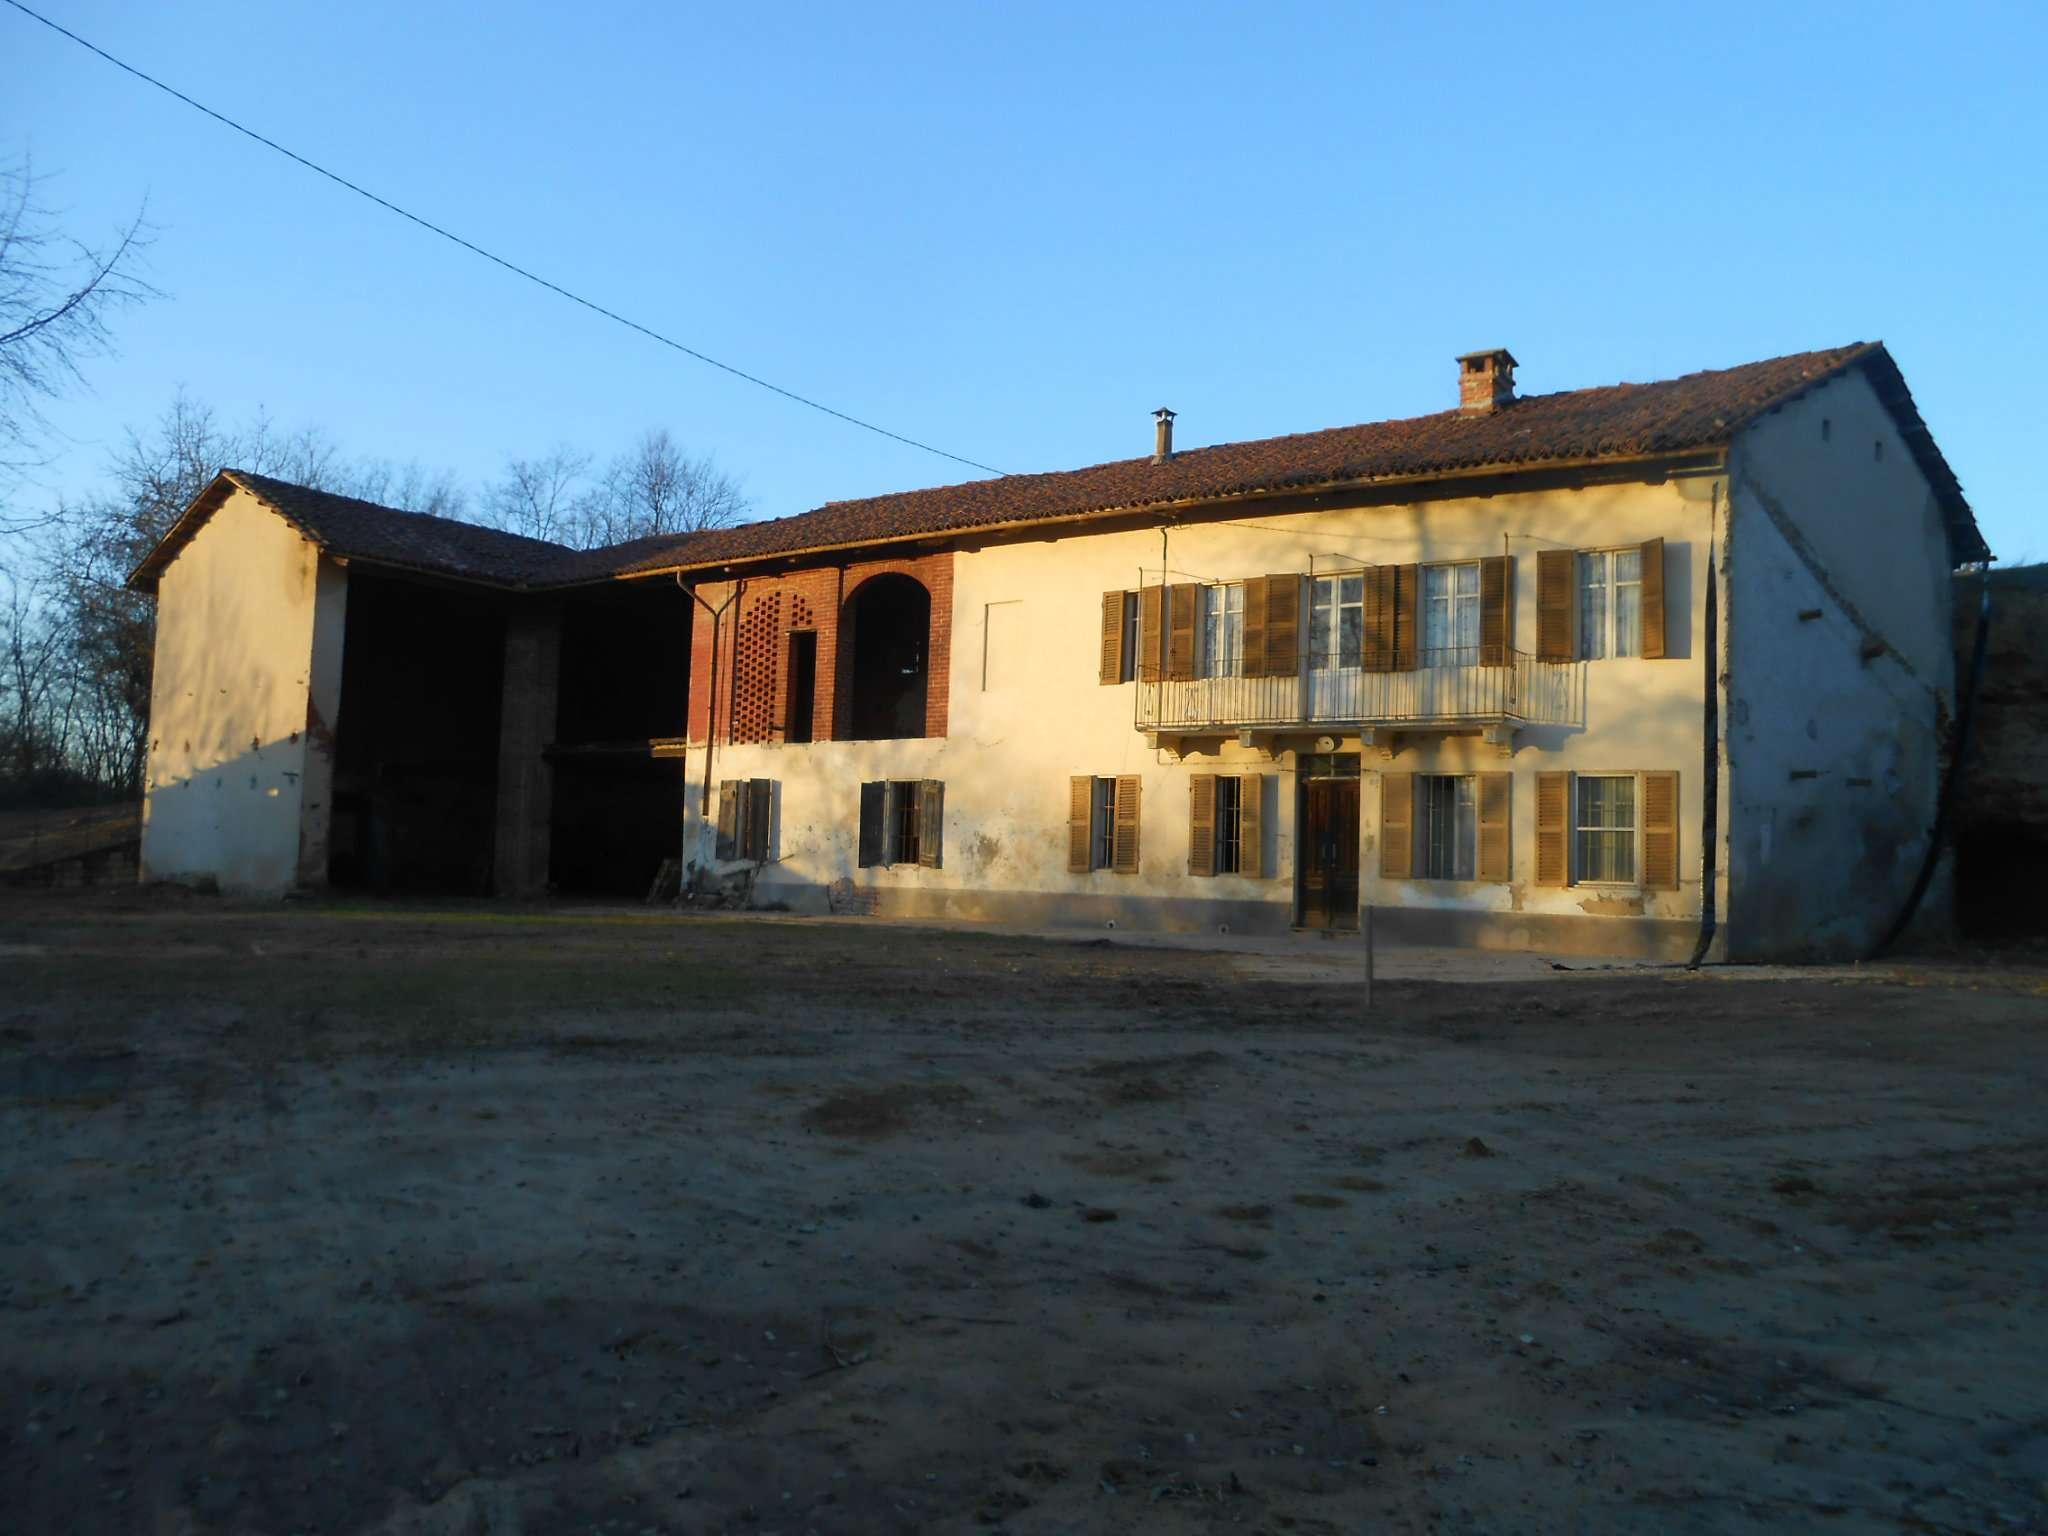 Rustico / Casale in vendita a Montafia, 8 locali, prezzo € 135.000 | Cambio Casa.it